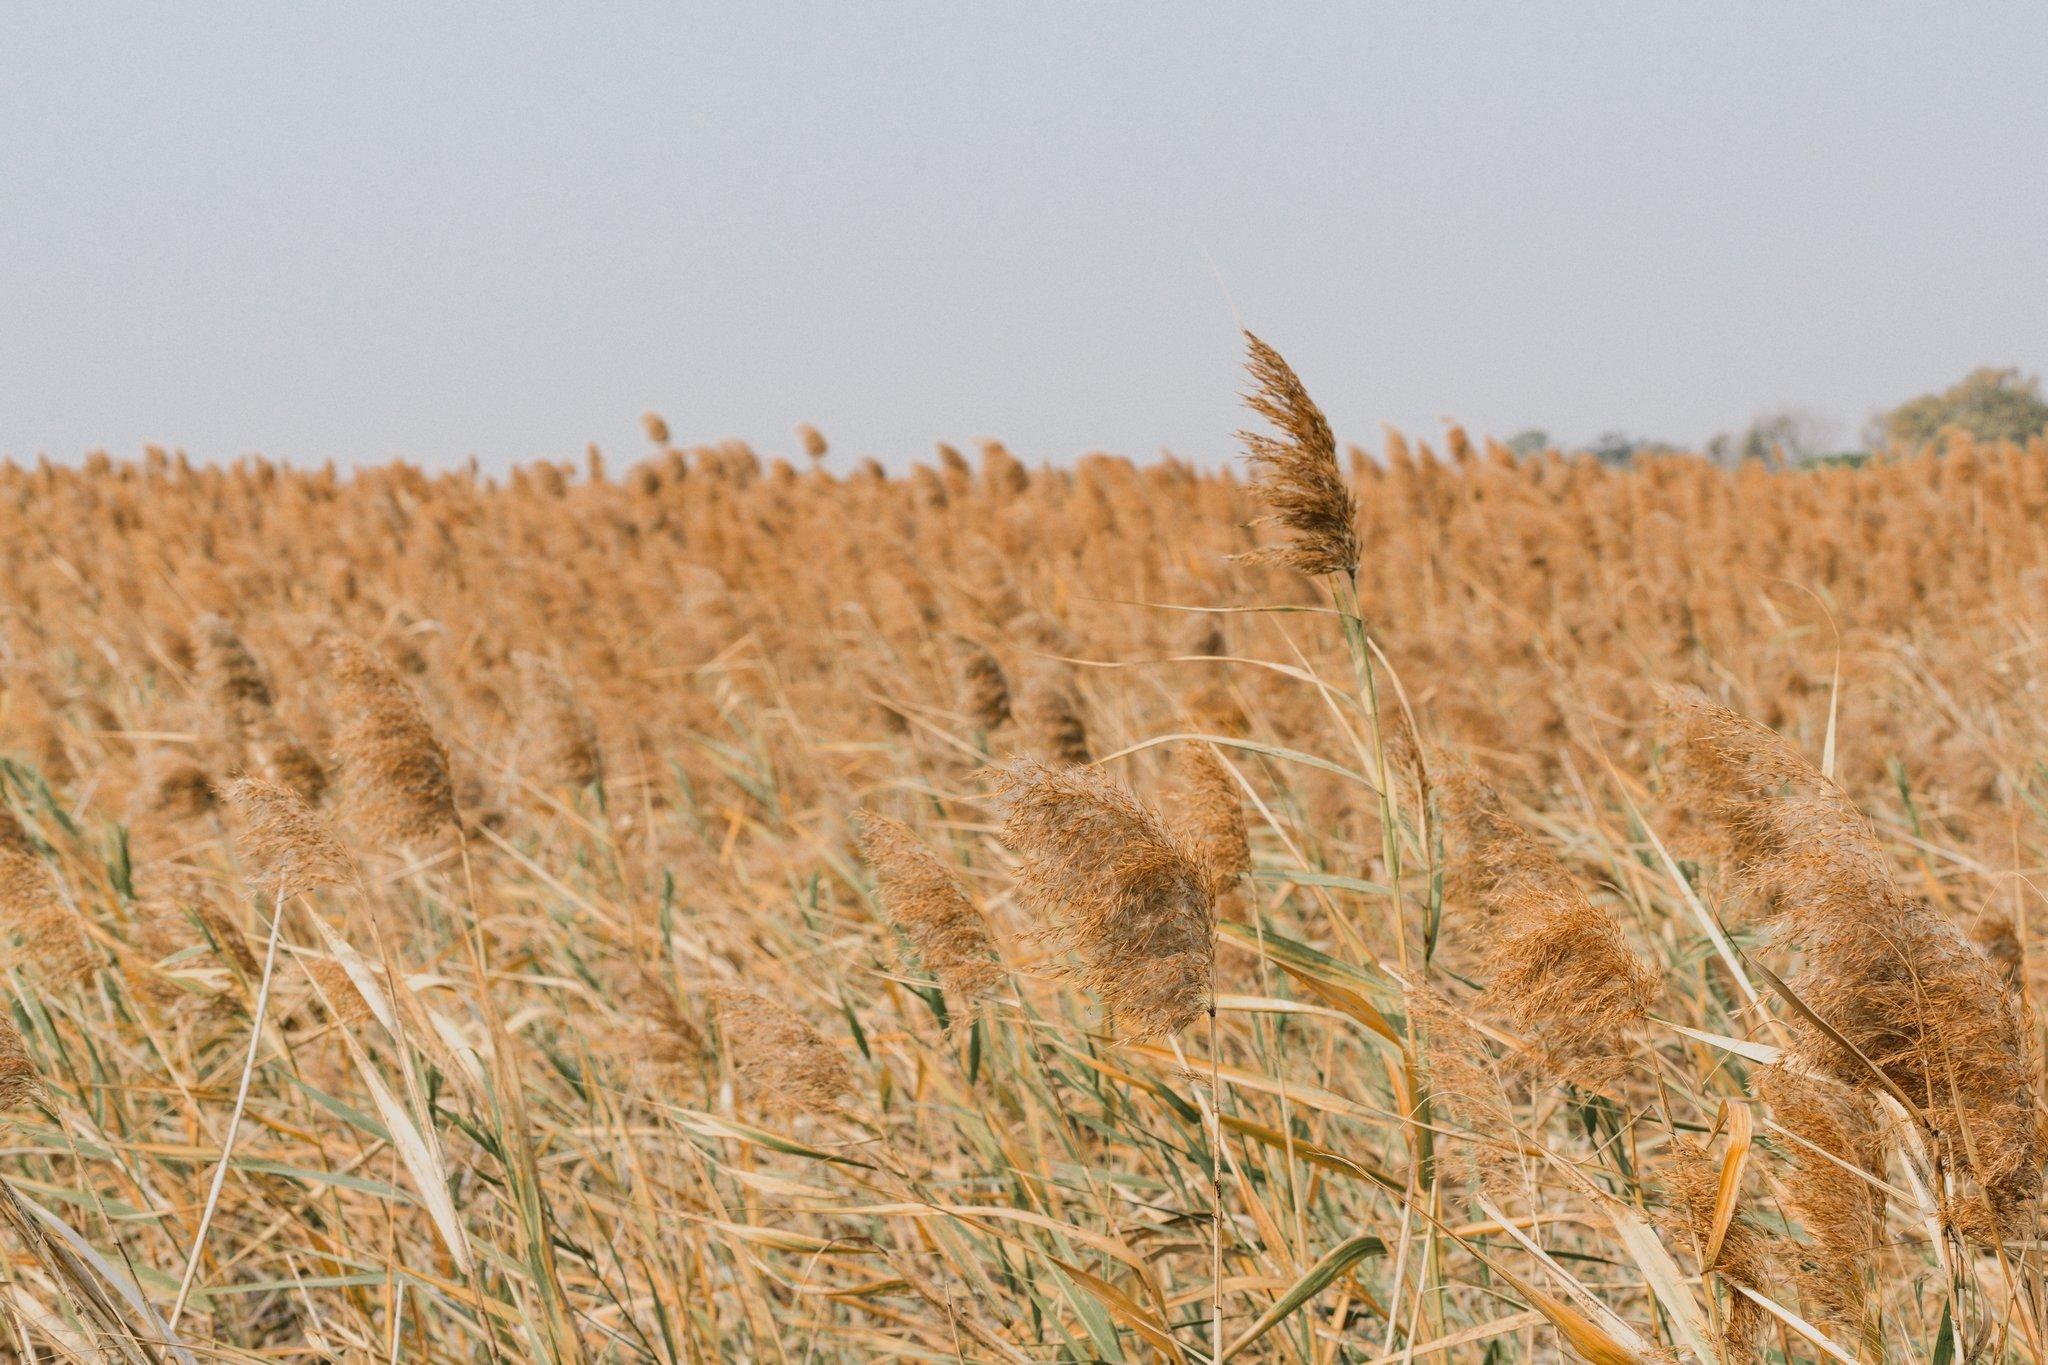 12. Water reeds